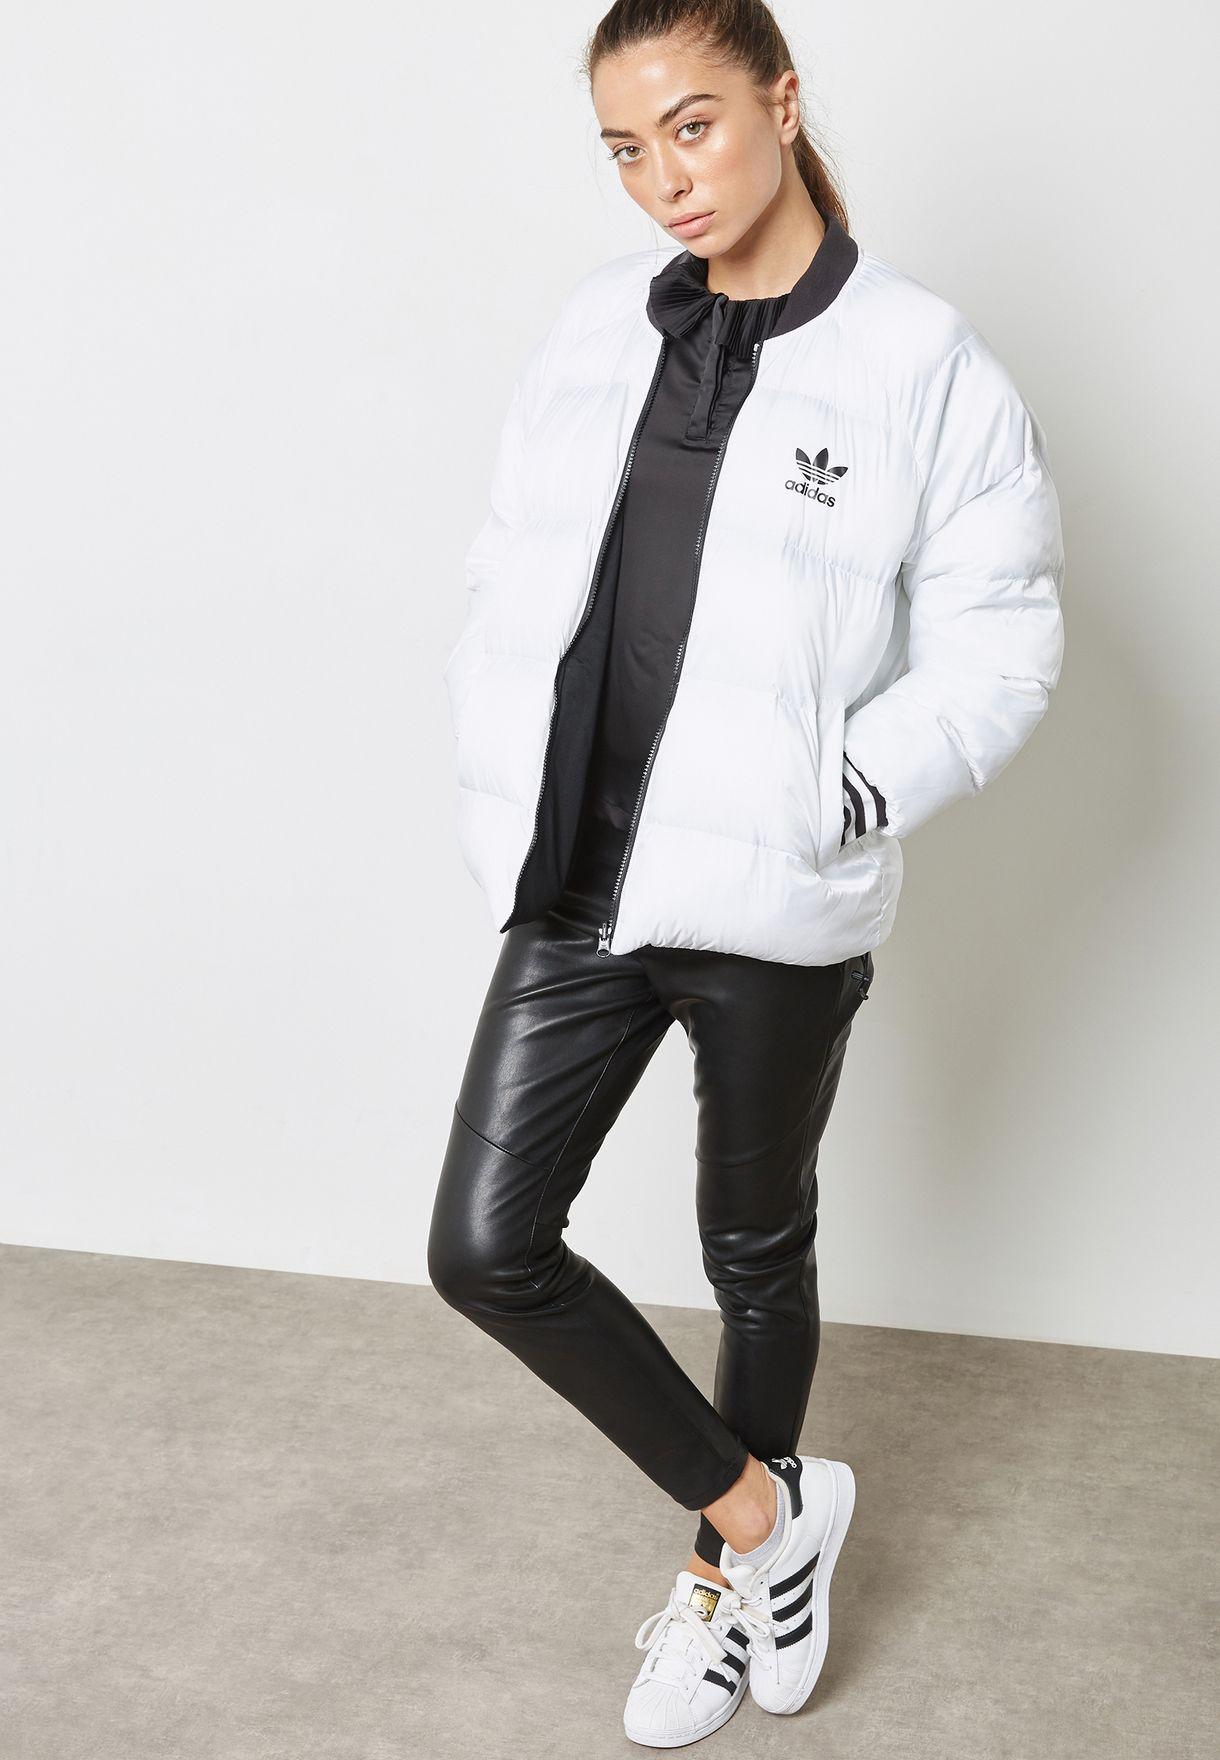 c15dc6fad01b Shop adidas Originals multicolor Superstar Reversible Jacket BS4424 ...